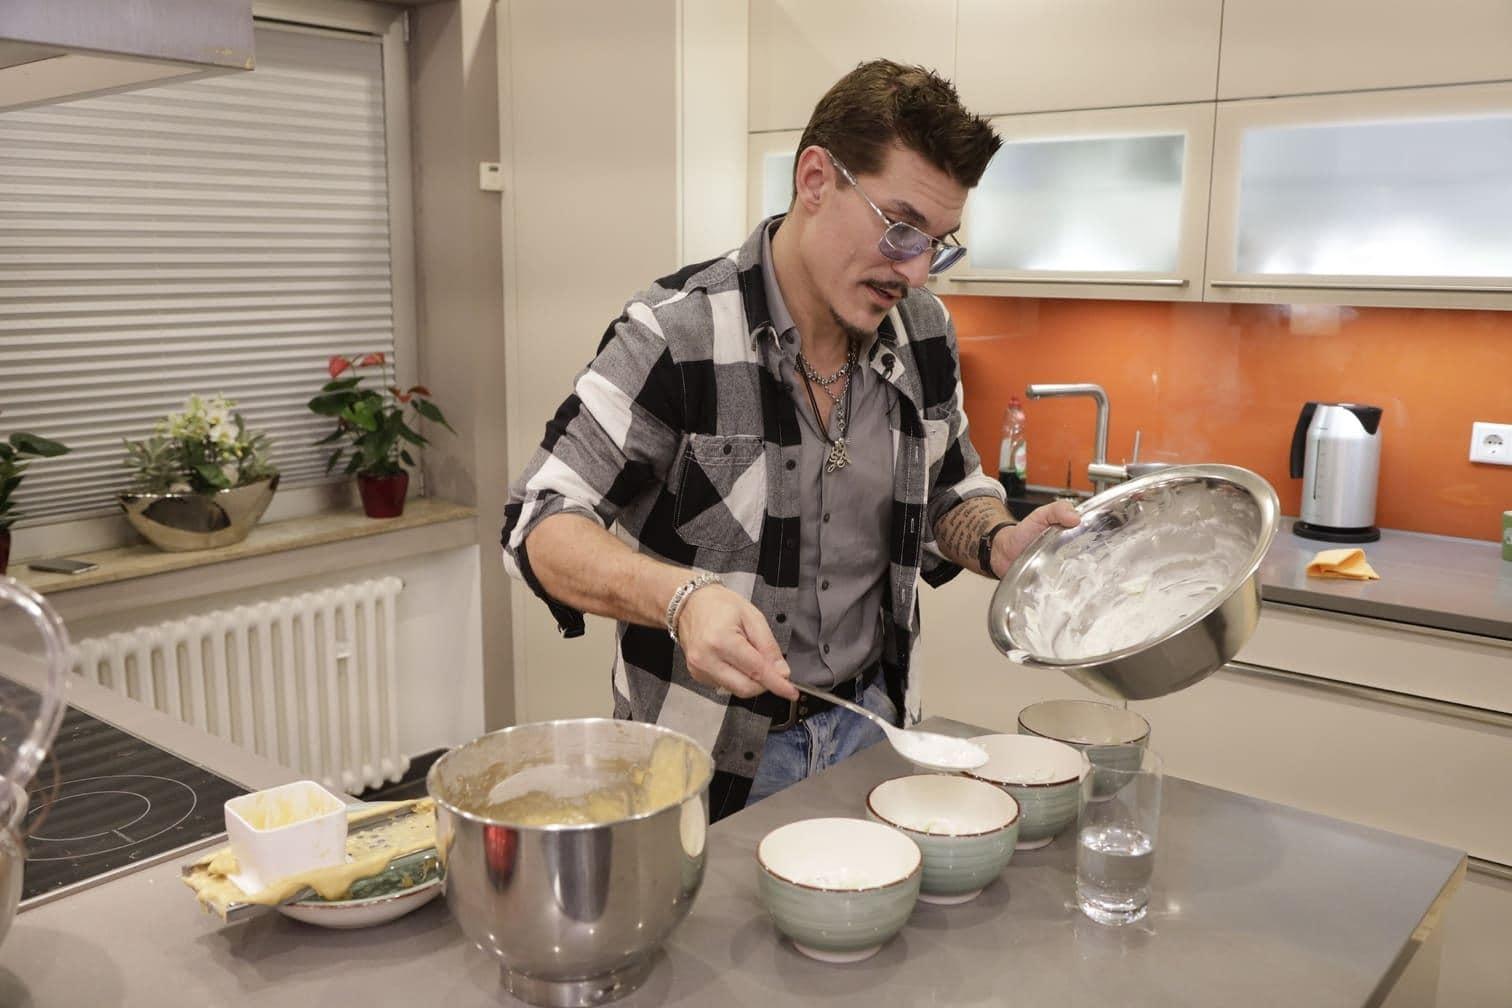 """<p><span class=""""langtext"""">An Tag 4 kocht <strong>Chris Töpperwien</strong>:<br />Vorspeise: Currywurst mit Brötchen<br />Hauptspeise: Ungarischer Landgoulasch mit hausgemachten Butter-Spätzle<br />Nachspeise: Warmer Apfelsteuselkuchen mit Zimtsahne</span></p> Foto: TVNOW/Dirk Born"""